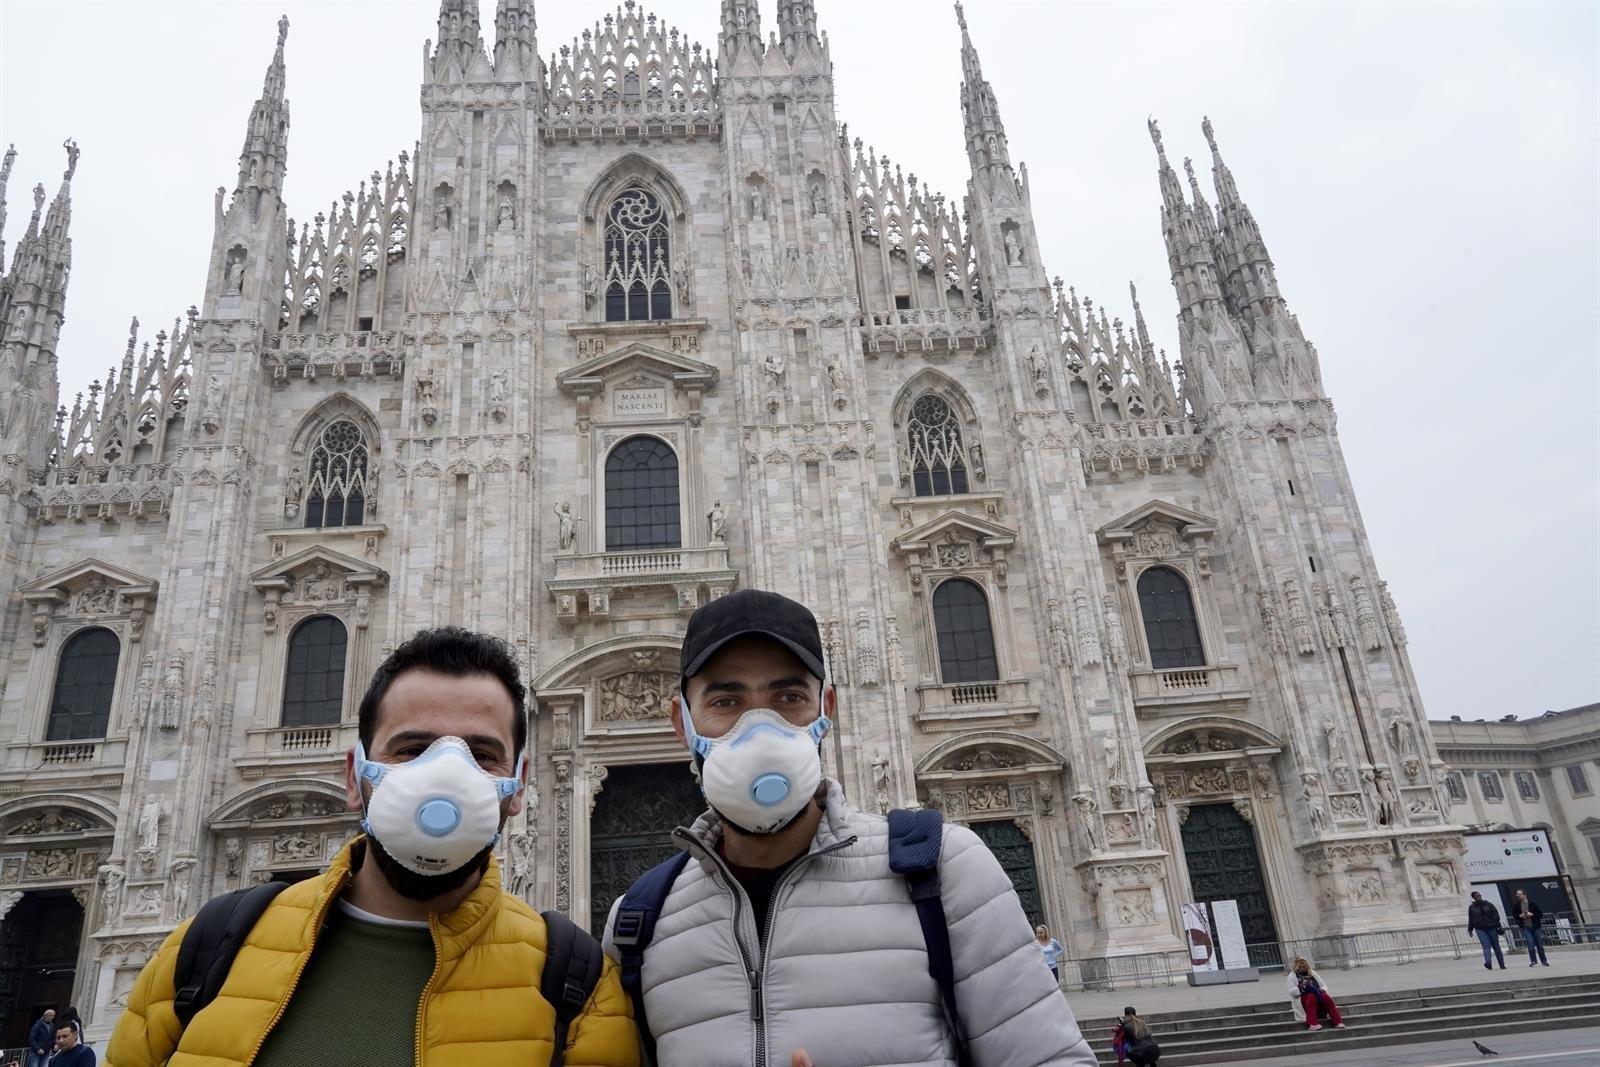 El turismo perderá 45.000 millones de euros por el impacto del ...